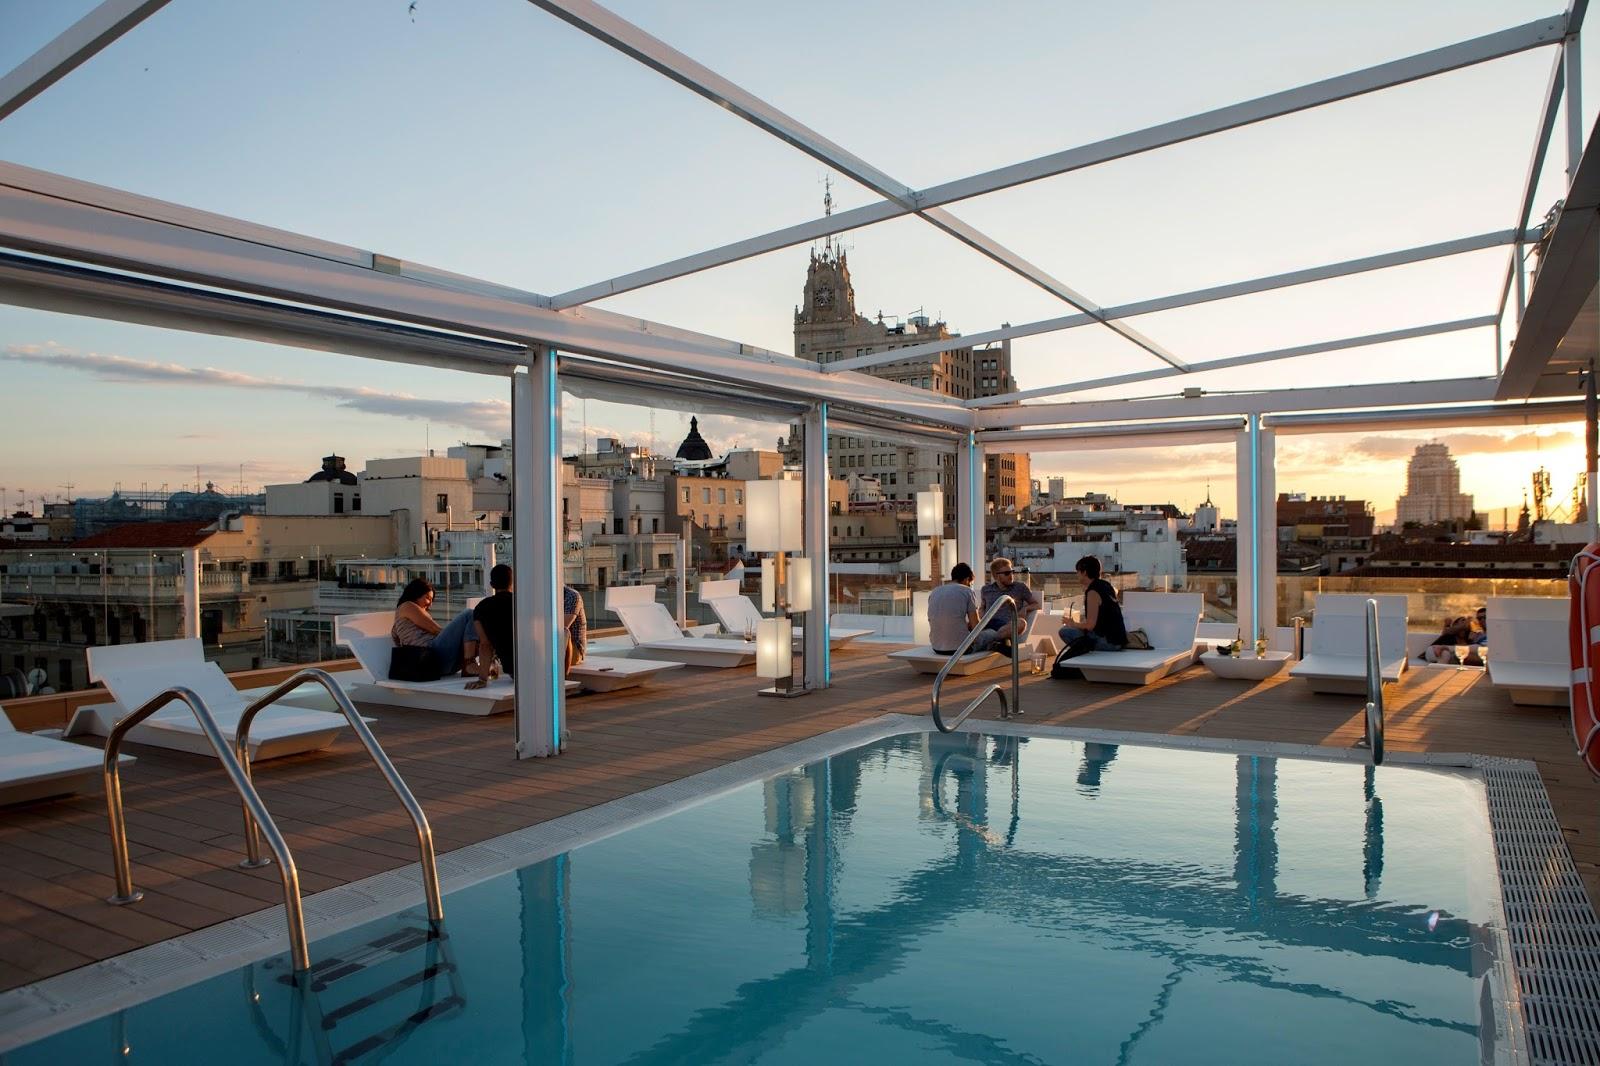 Otium terrazas madrid 2014 iii silencio y glamour en la for Terrazas piscinas fotos